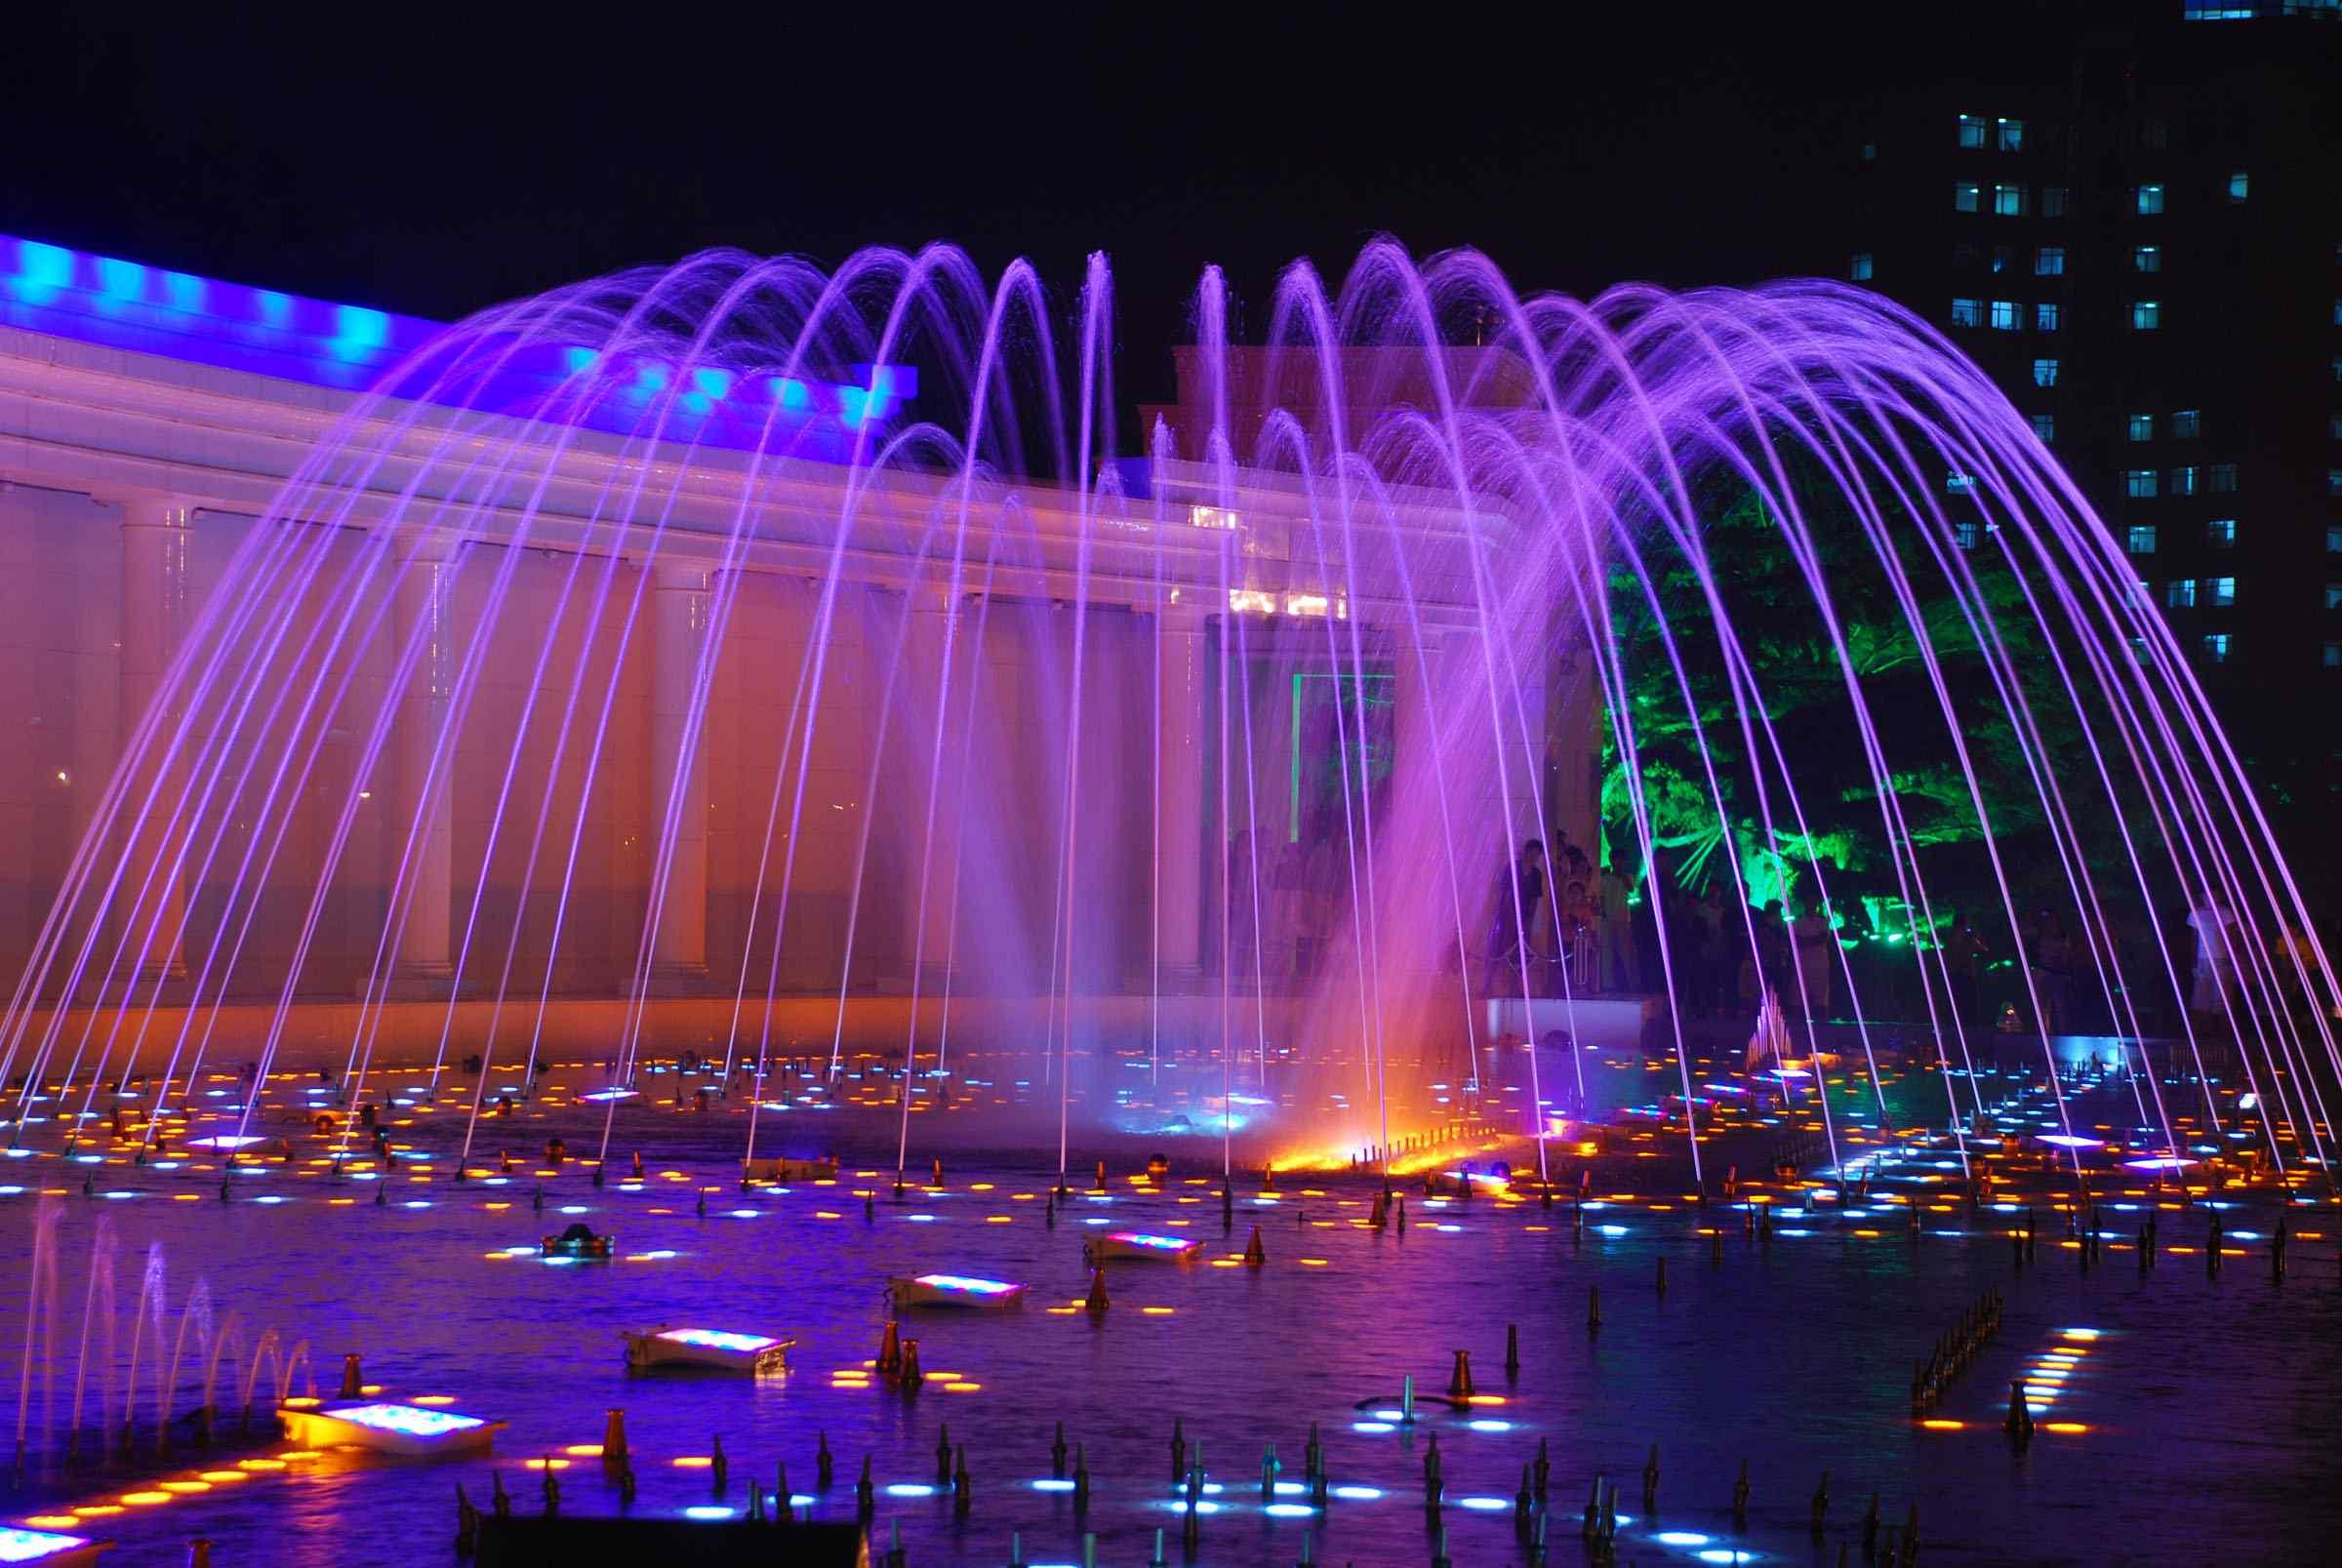 炫彩灯光喷泉大连城市夜景桌面壁纸